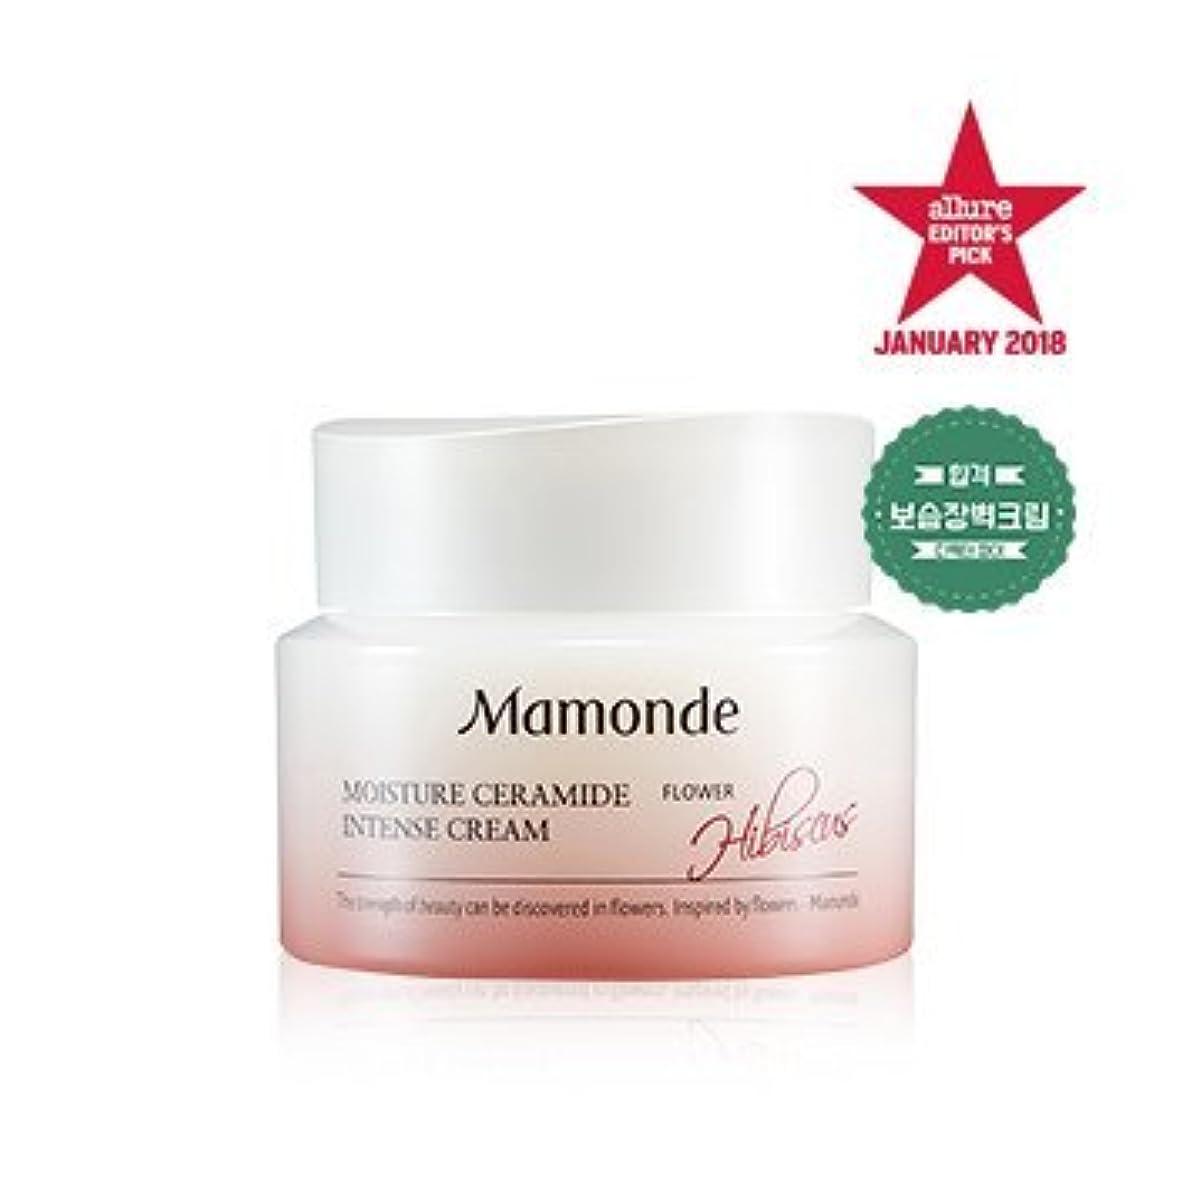 メタリック葉っぱ月曜[MAMONDE] モイスチャーセラミドインテンシブクリーム / Moisture Ceramide Intense cream 50ml [並行輸入品]